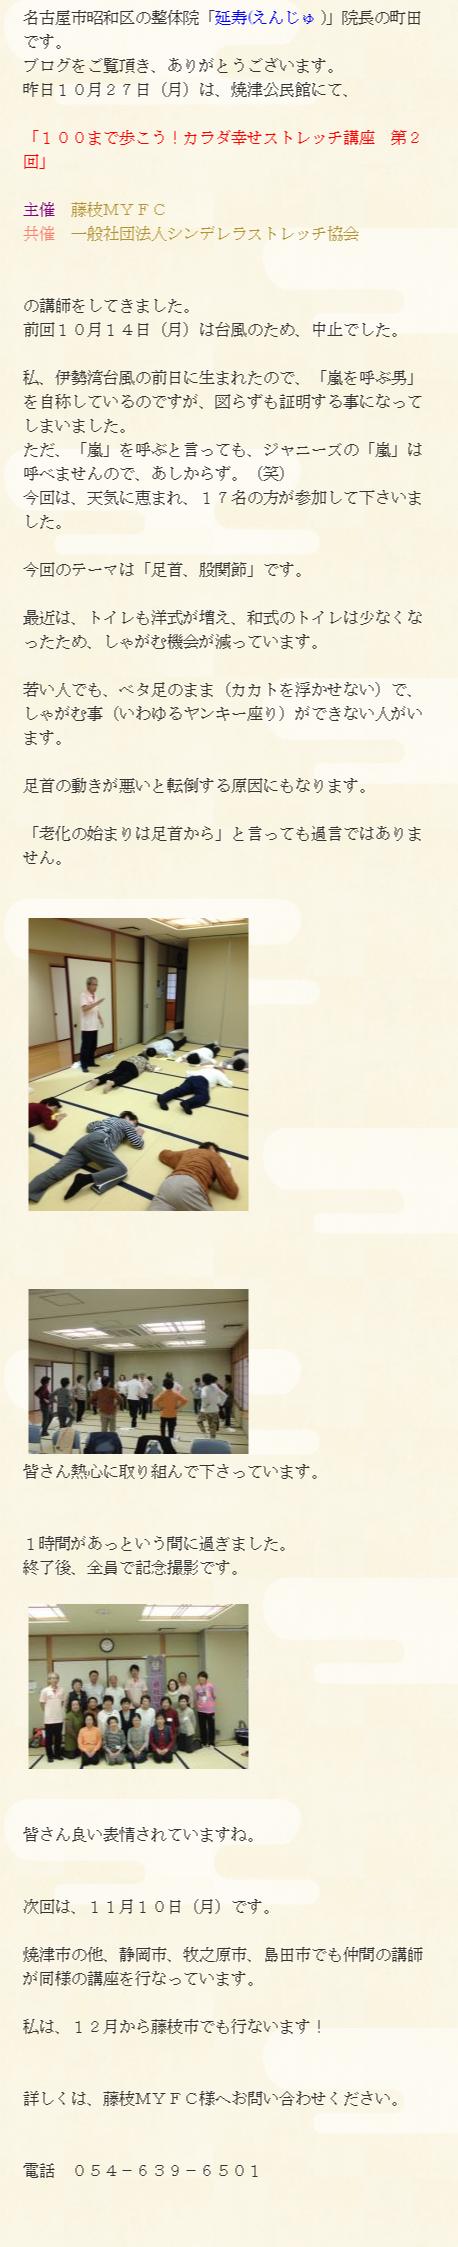 介護予防講座「100まで歩こう!」in焼津2回目|健康長寿の守護神、延寿くんのブログ